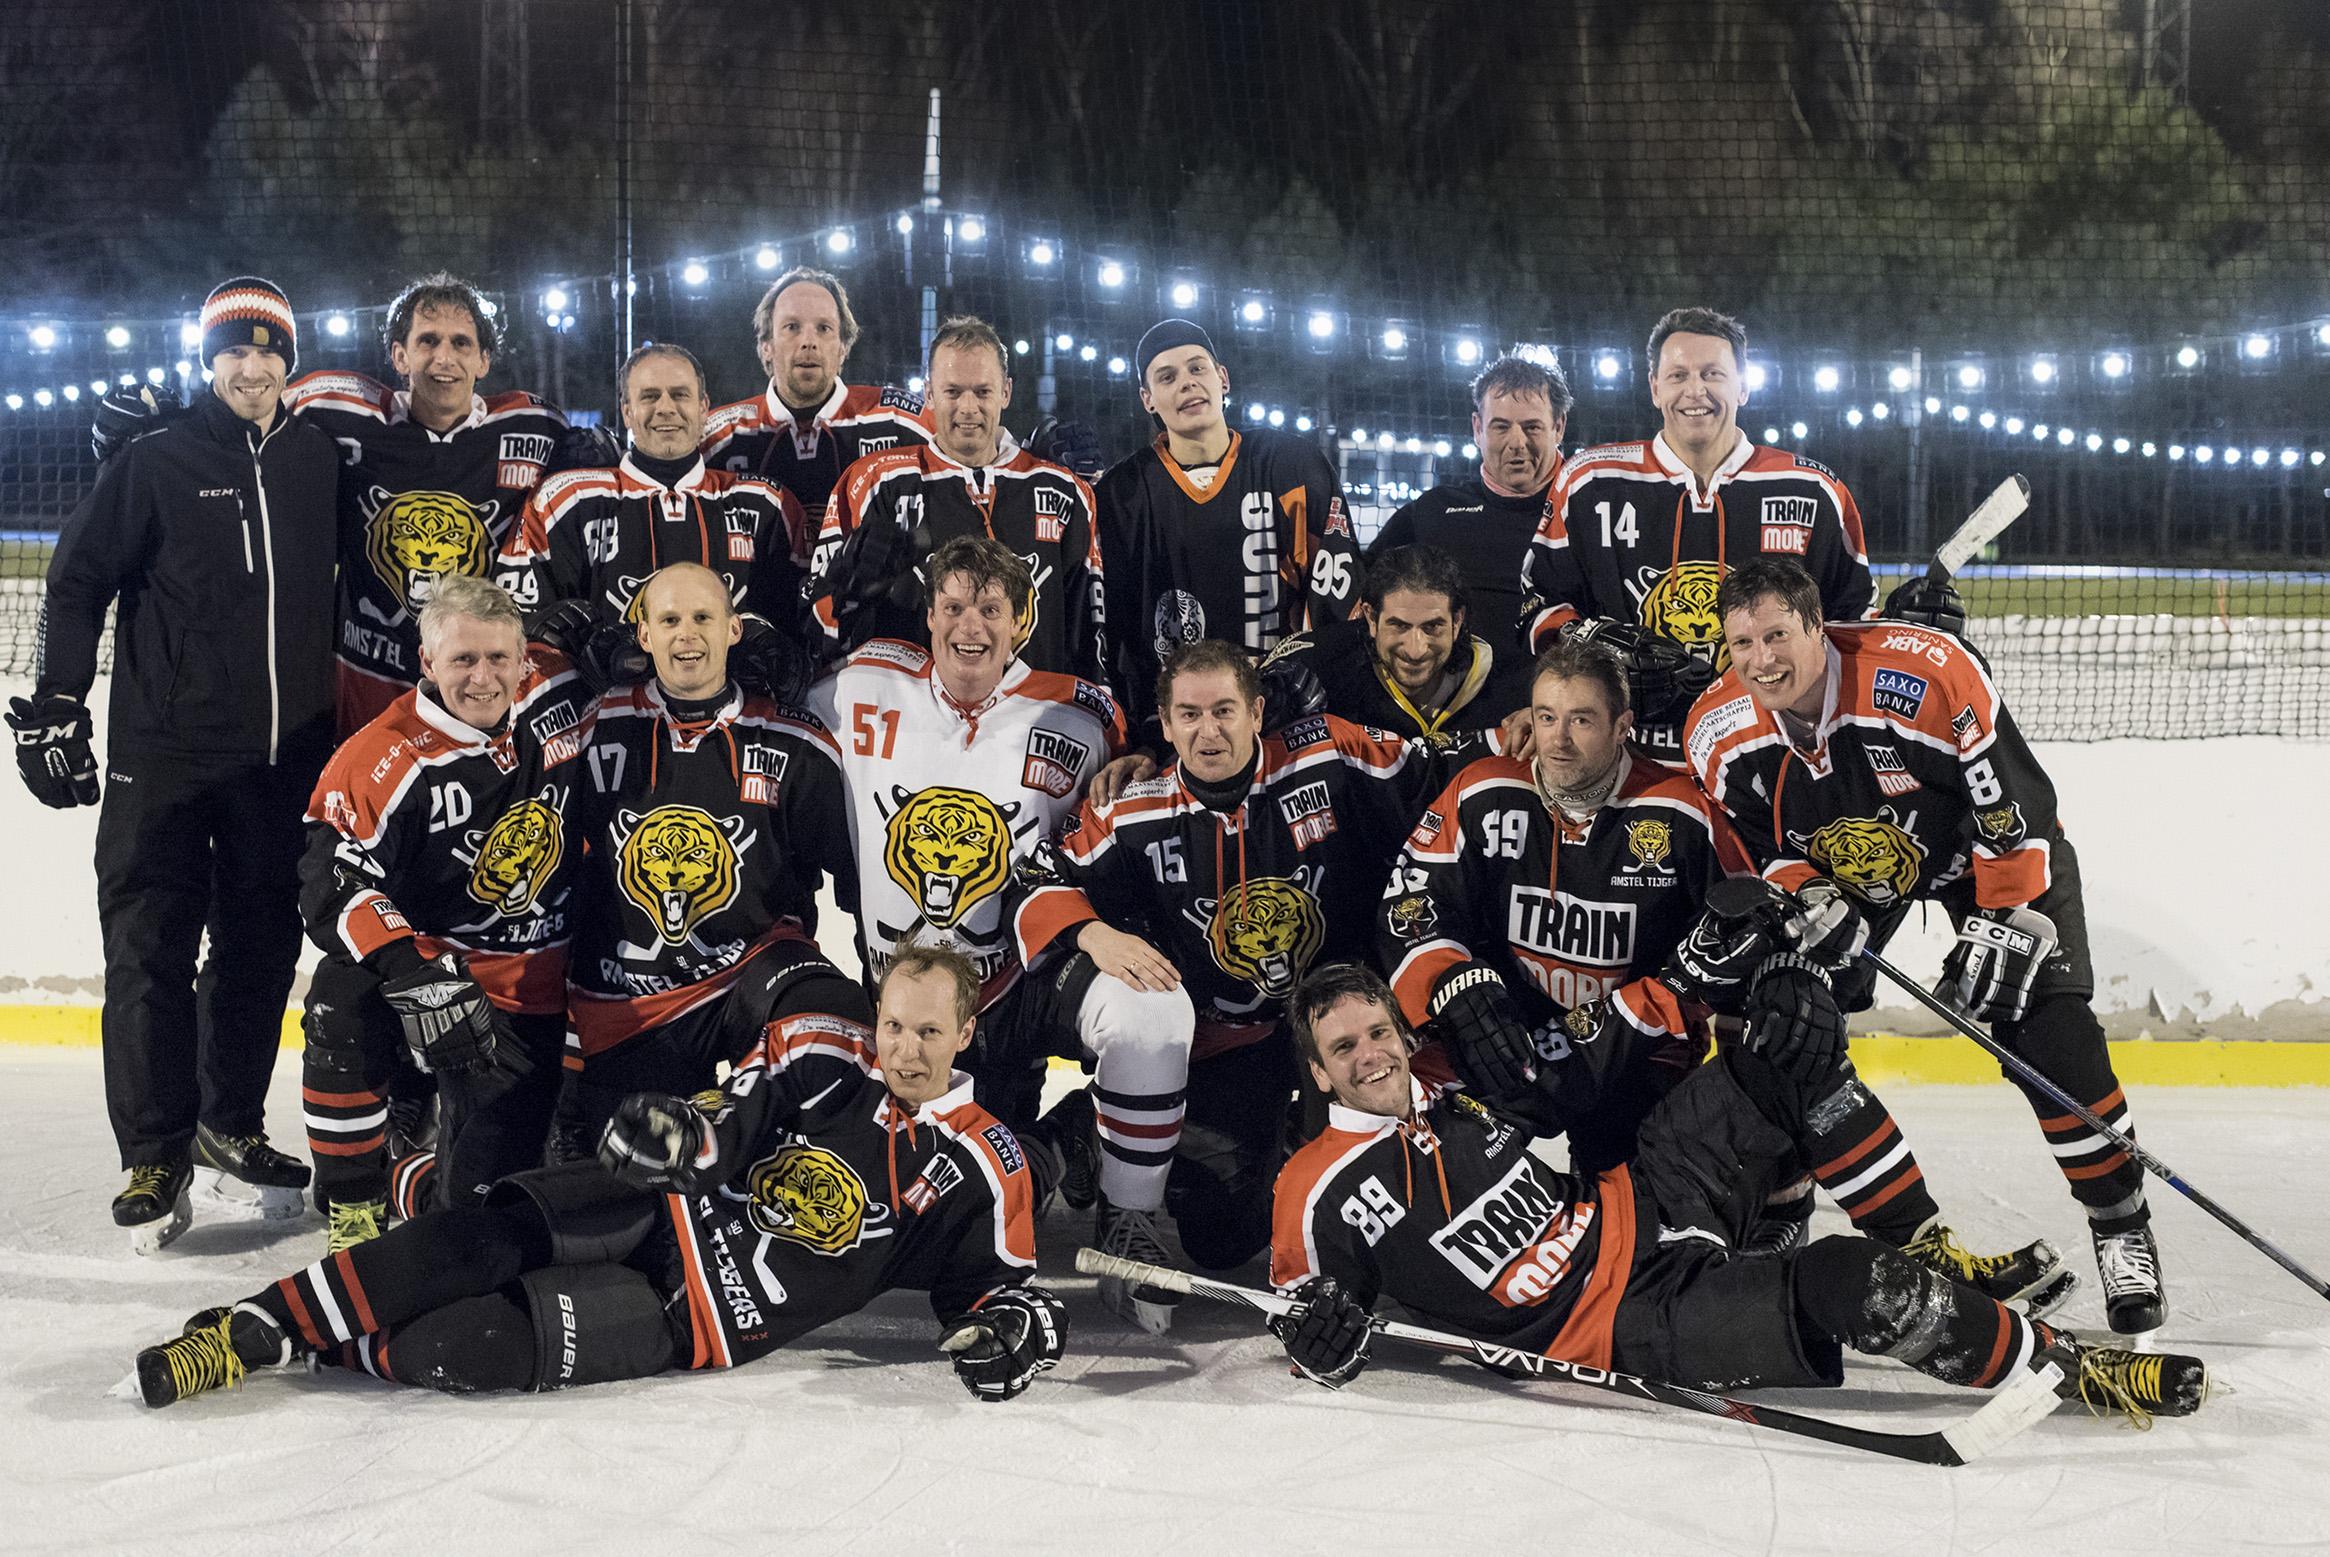 HockeyDads